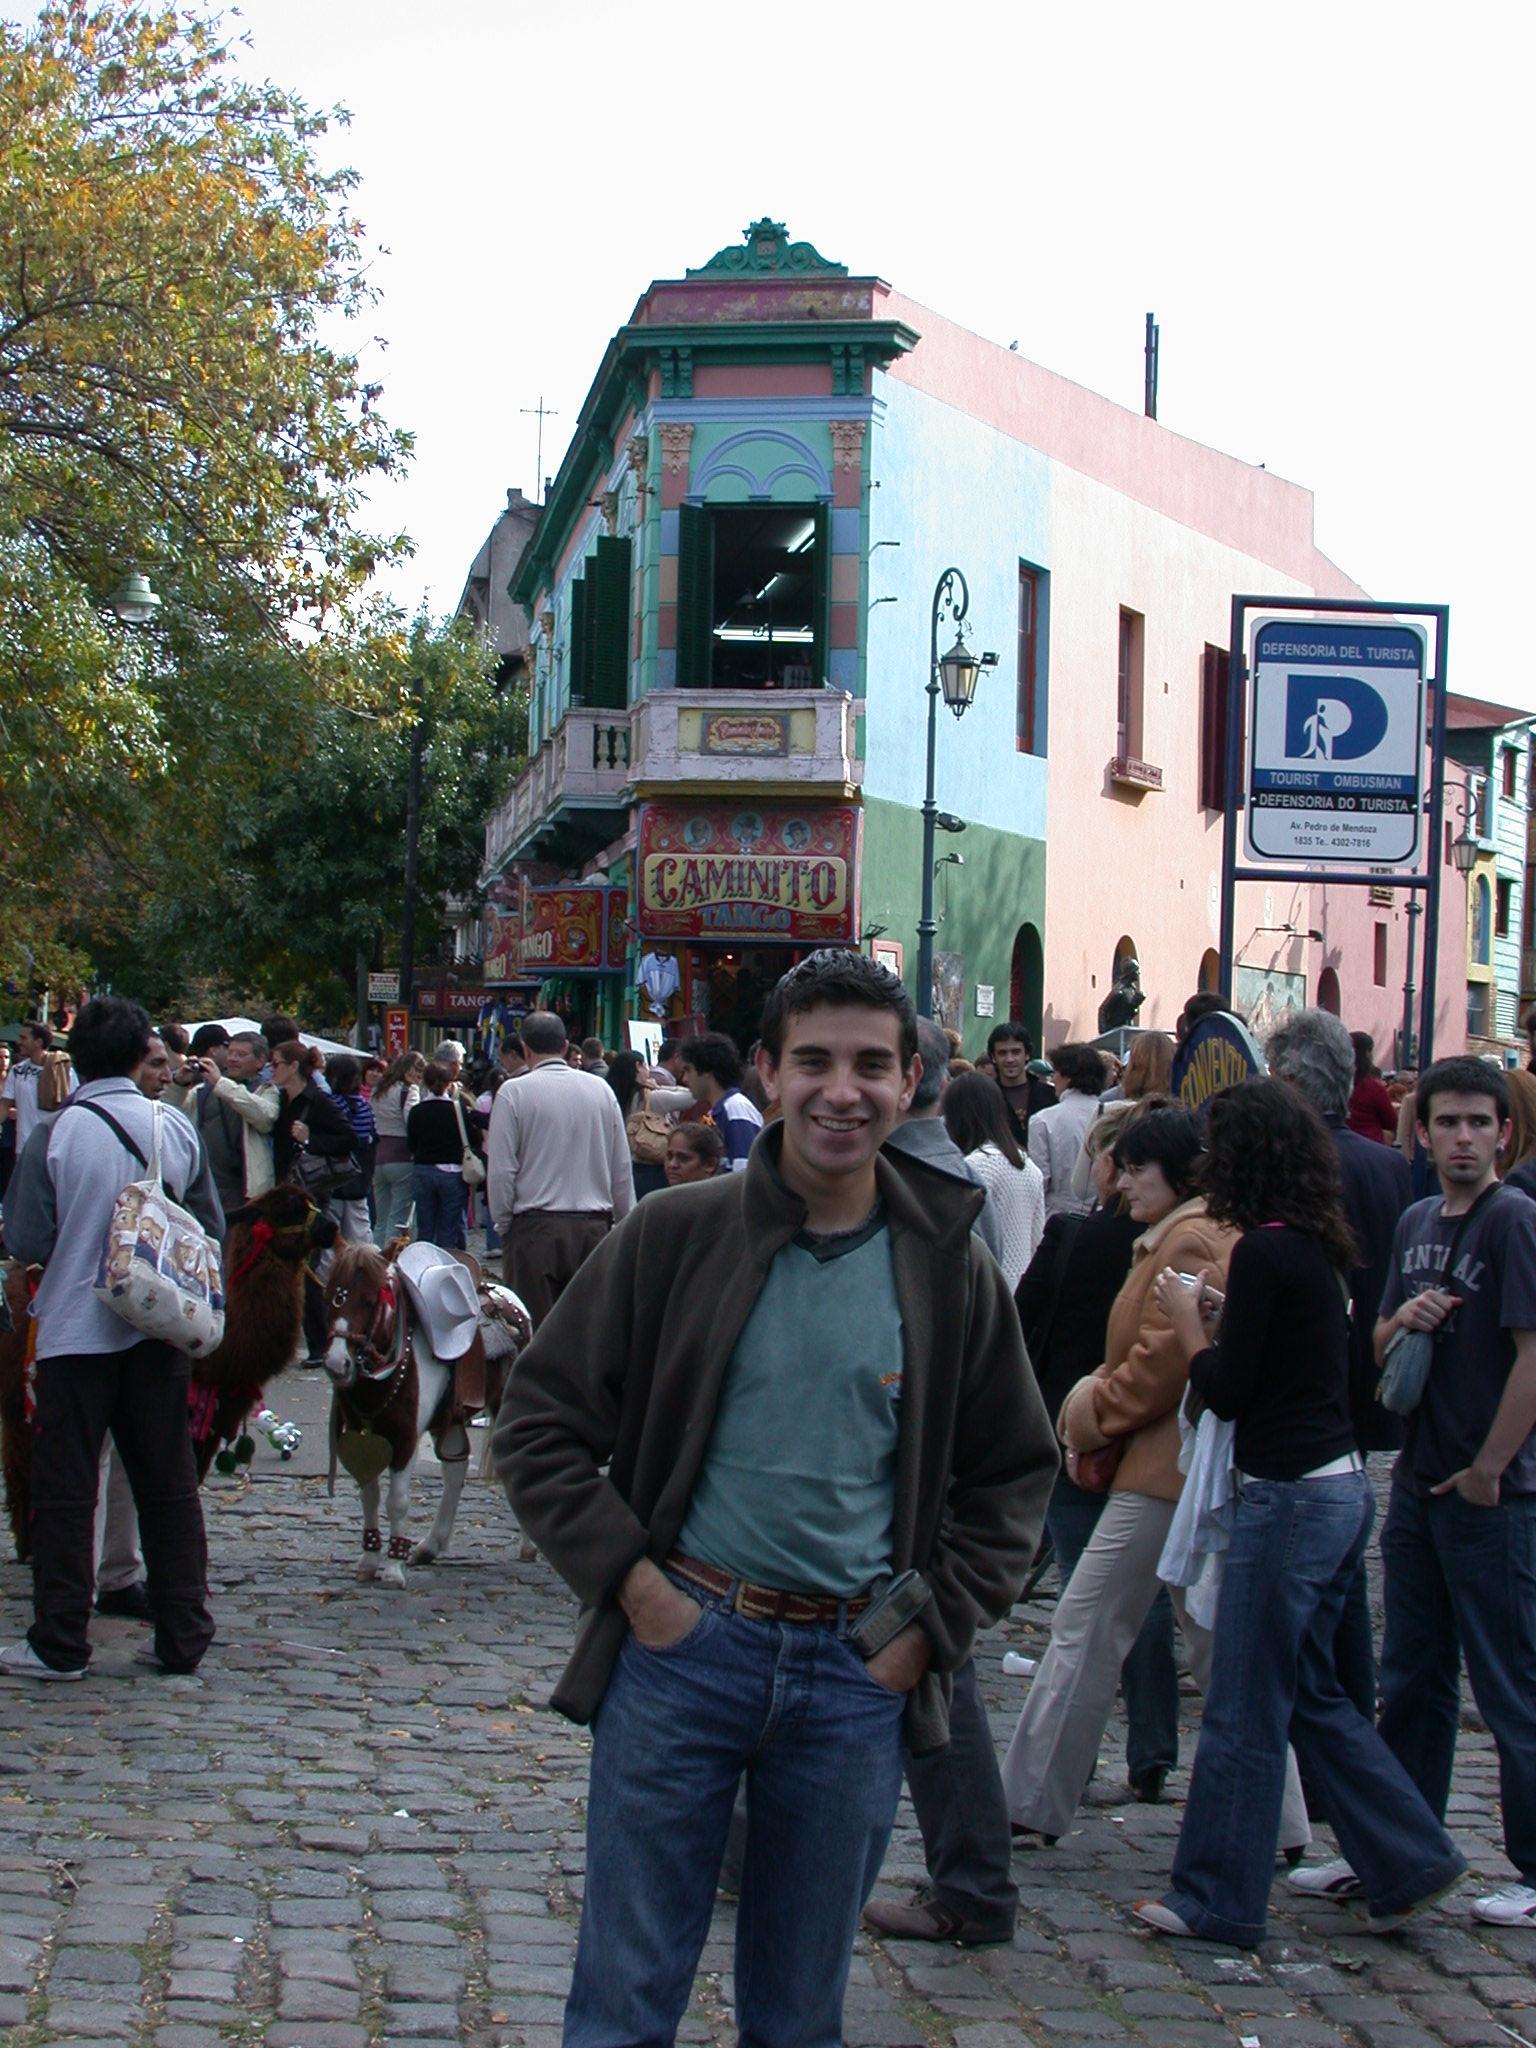 Edgardo in La Boca, Buenos Aires, Argentina